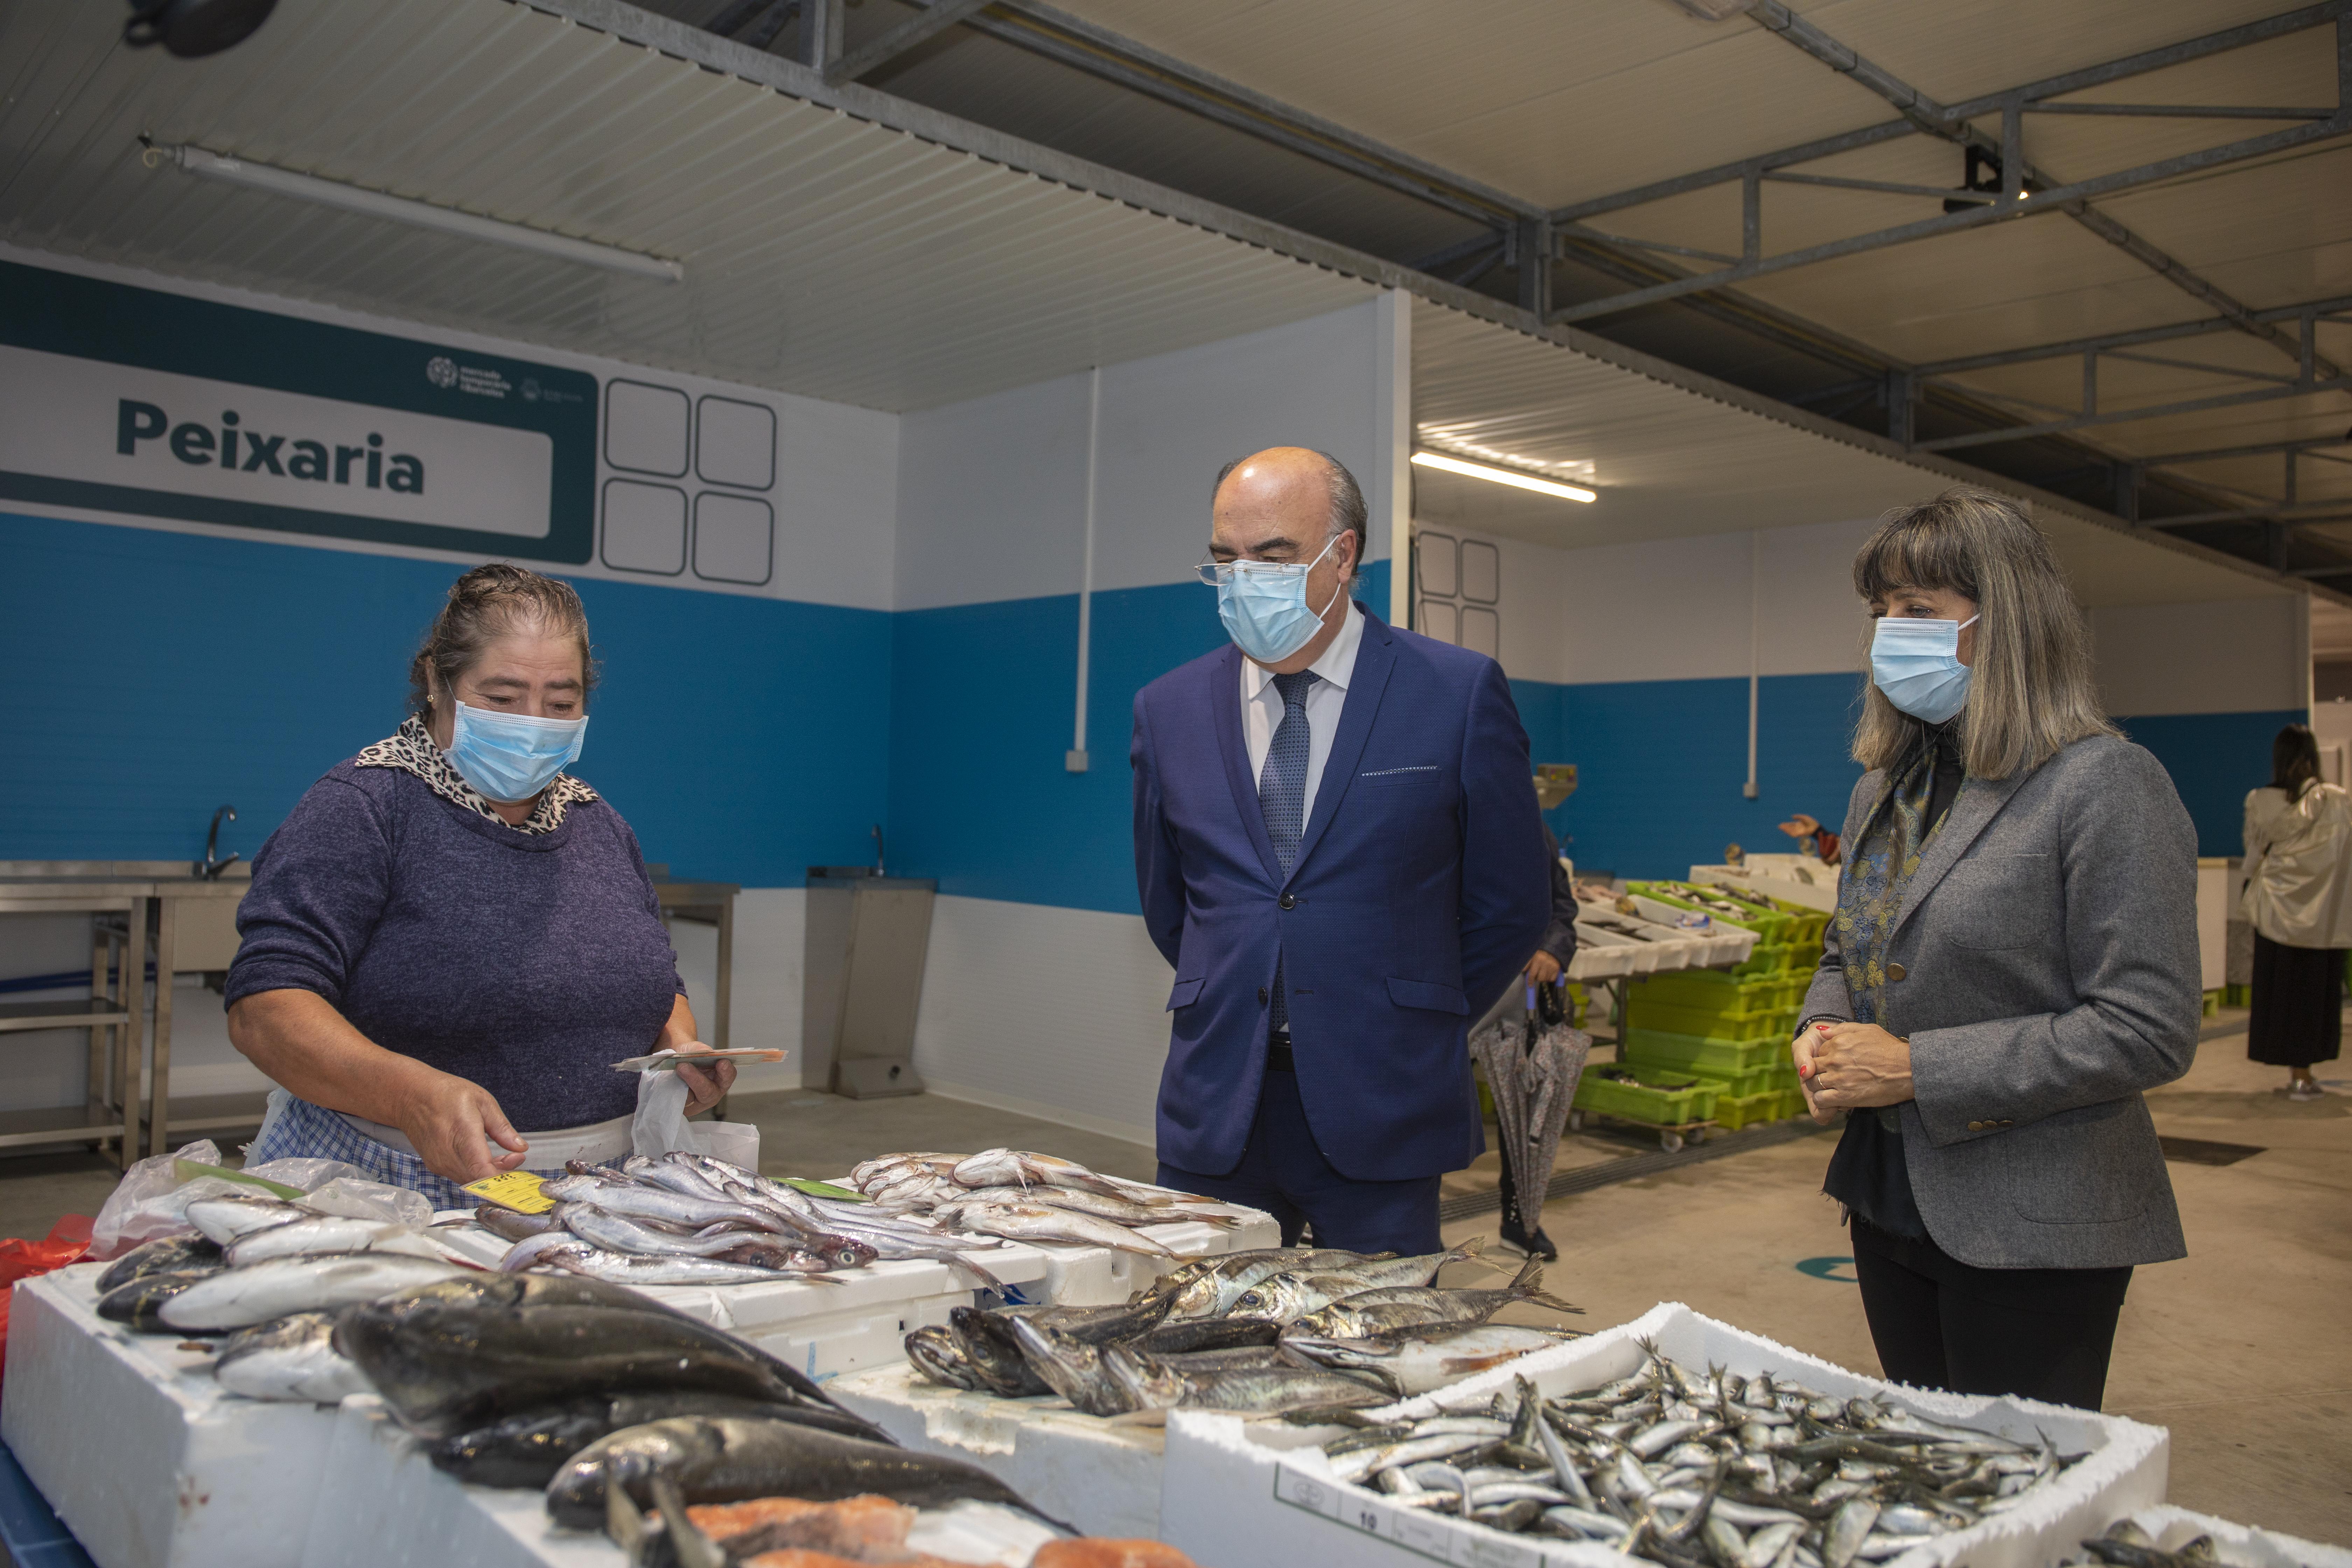 Presidente da Câmara visitou Mercado Temporário de Barcelos